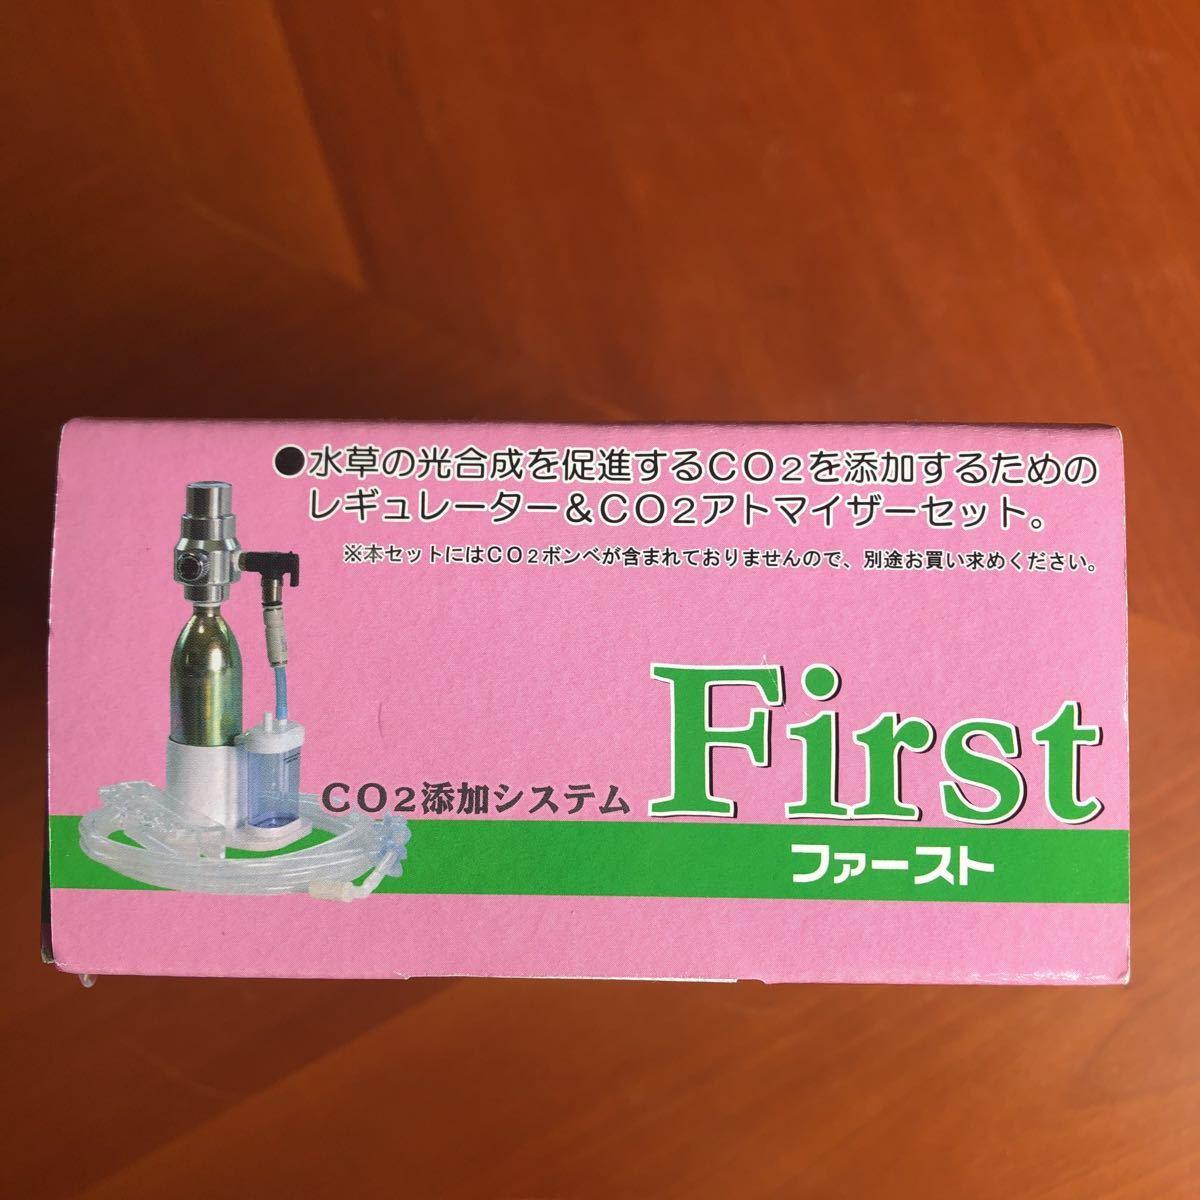 【新品・未開封】 CO2 添加システム First ファースト AQUA GEEK アクアギーク_画像4